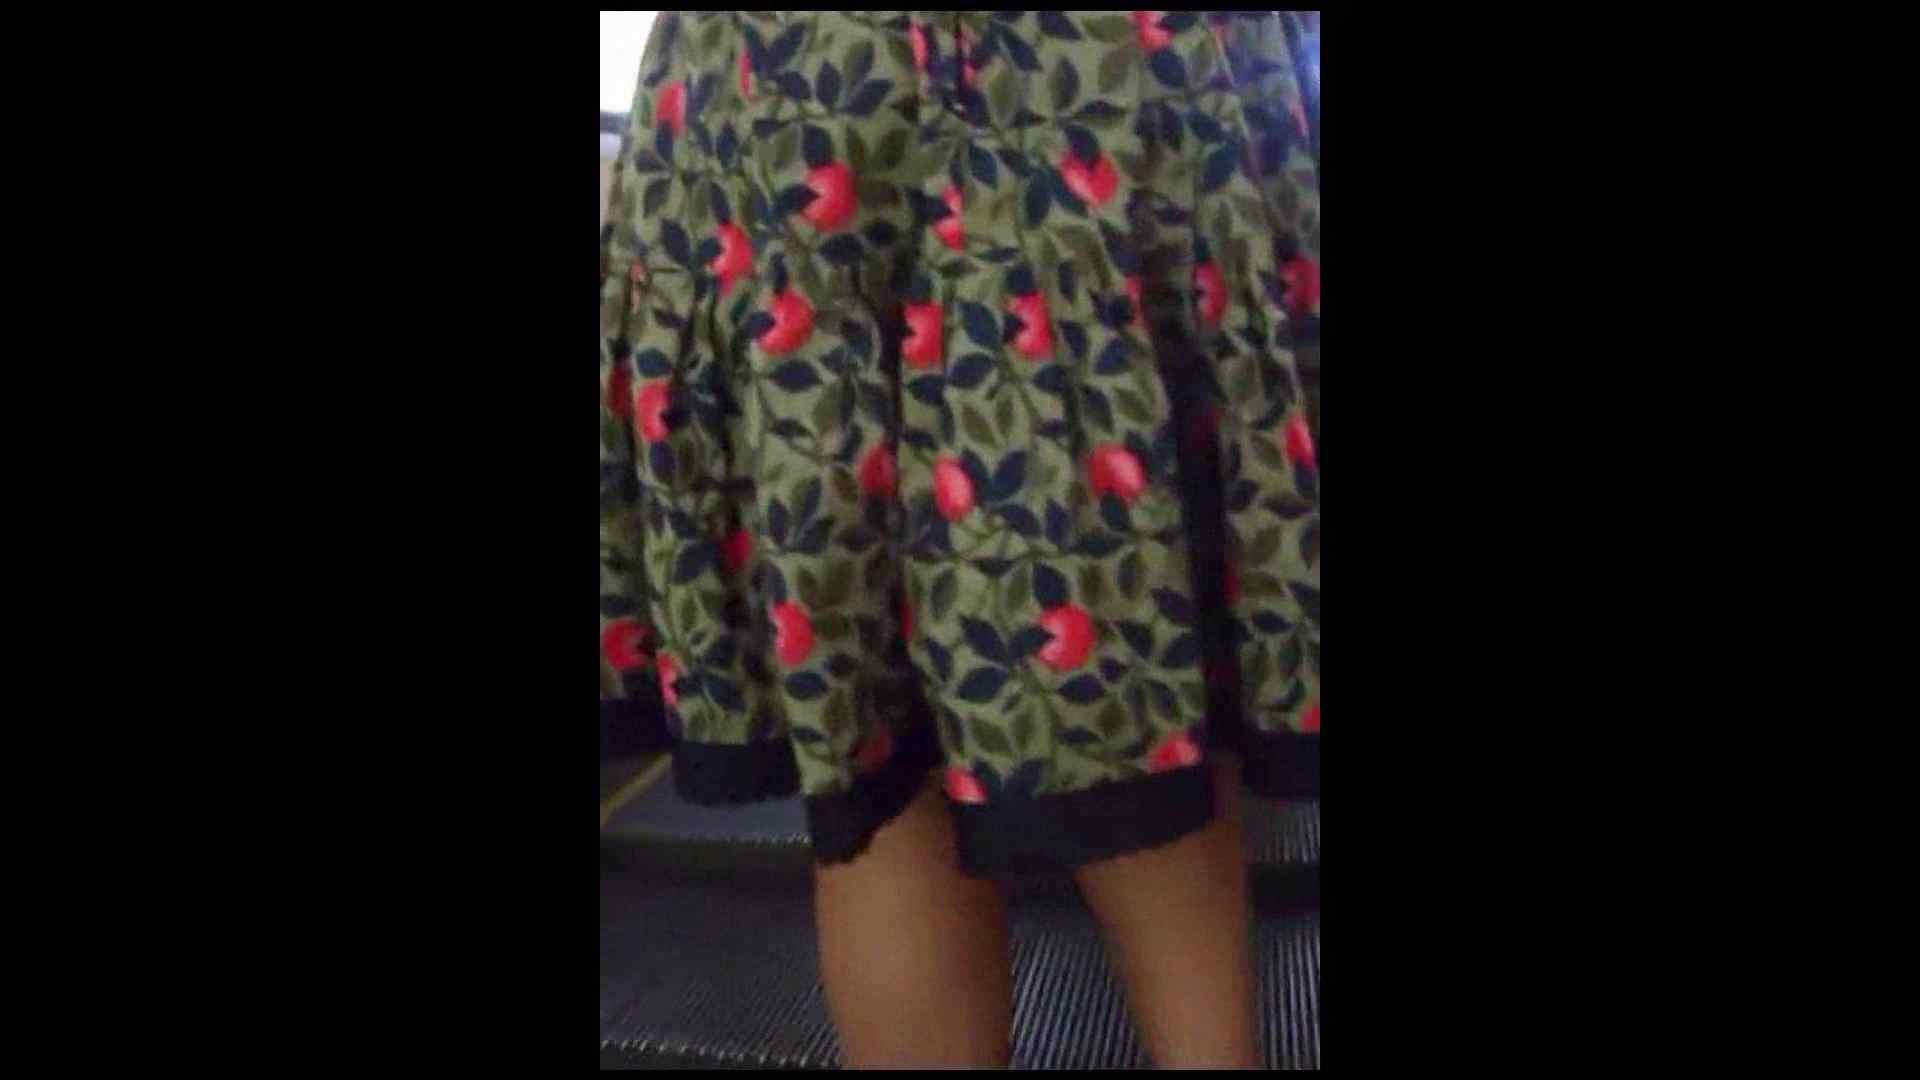 綺麗なモデルさんのスカート捲っちゃおう‼vol03 お姉さんのエロ動画 | 0  101PIX 85